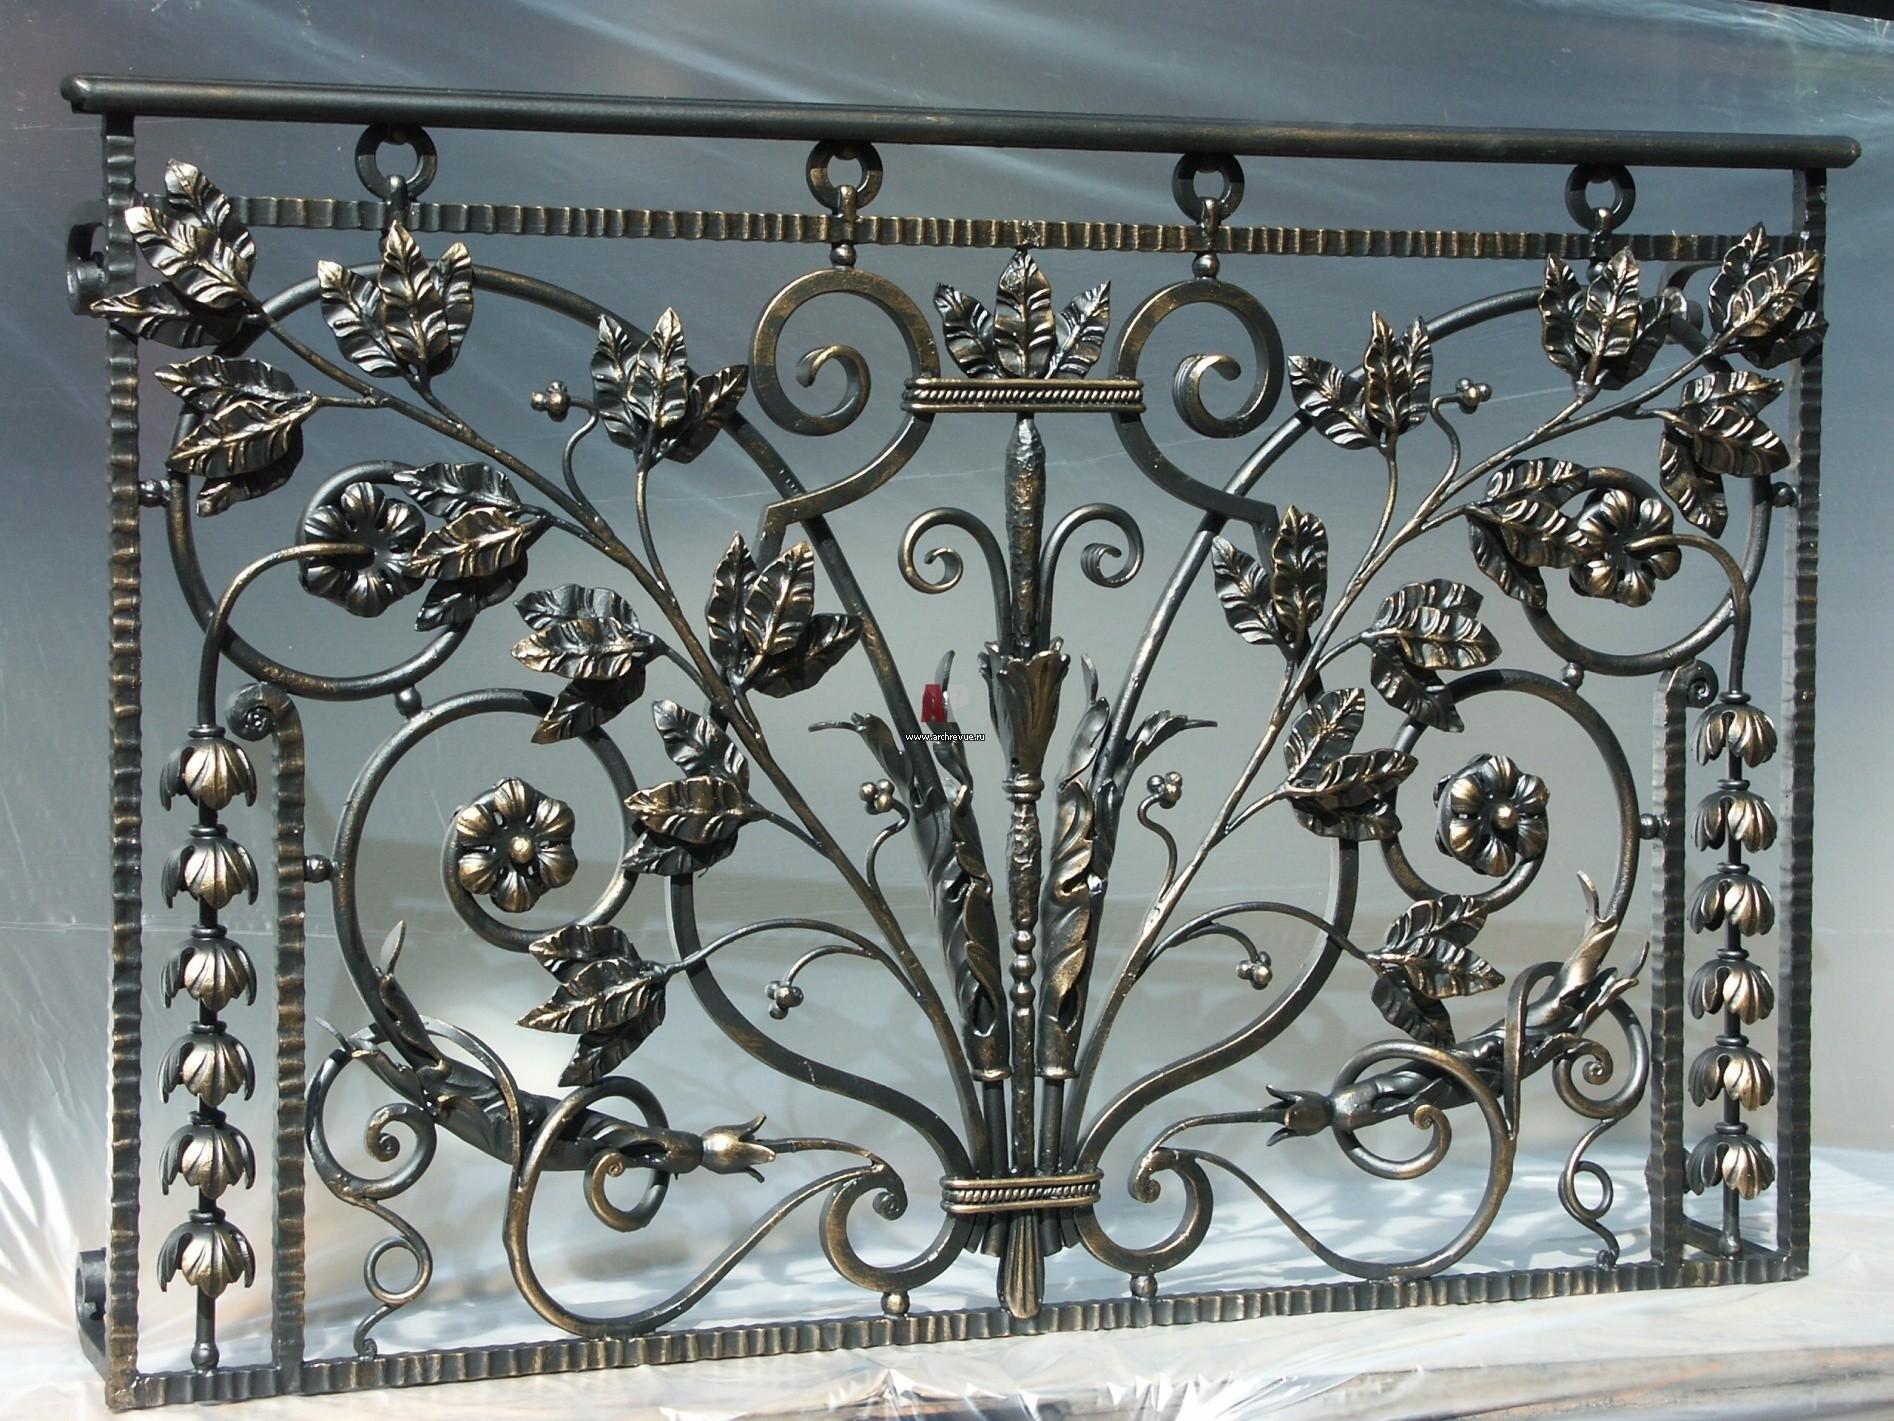 Создание кованых узоров: образцы орнаментов для металлических изделий